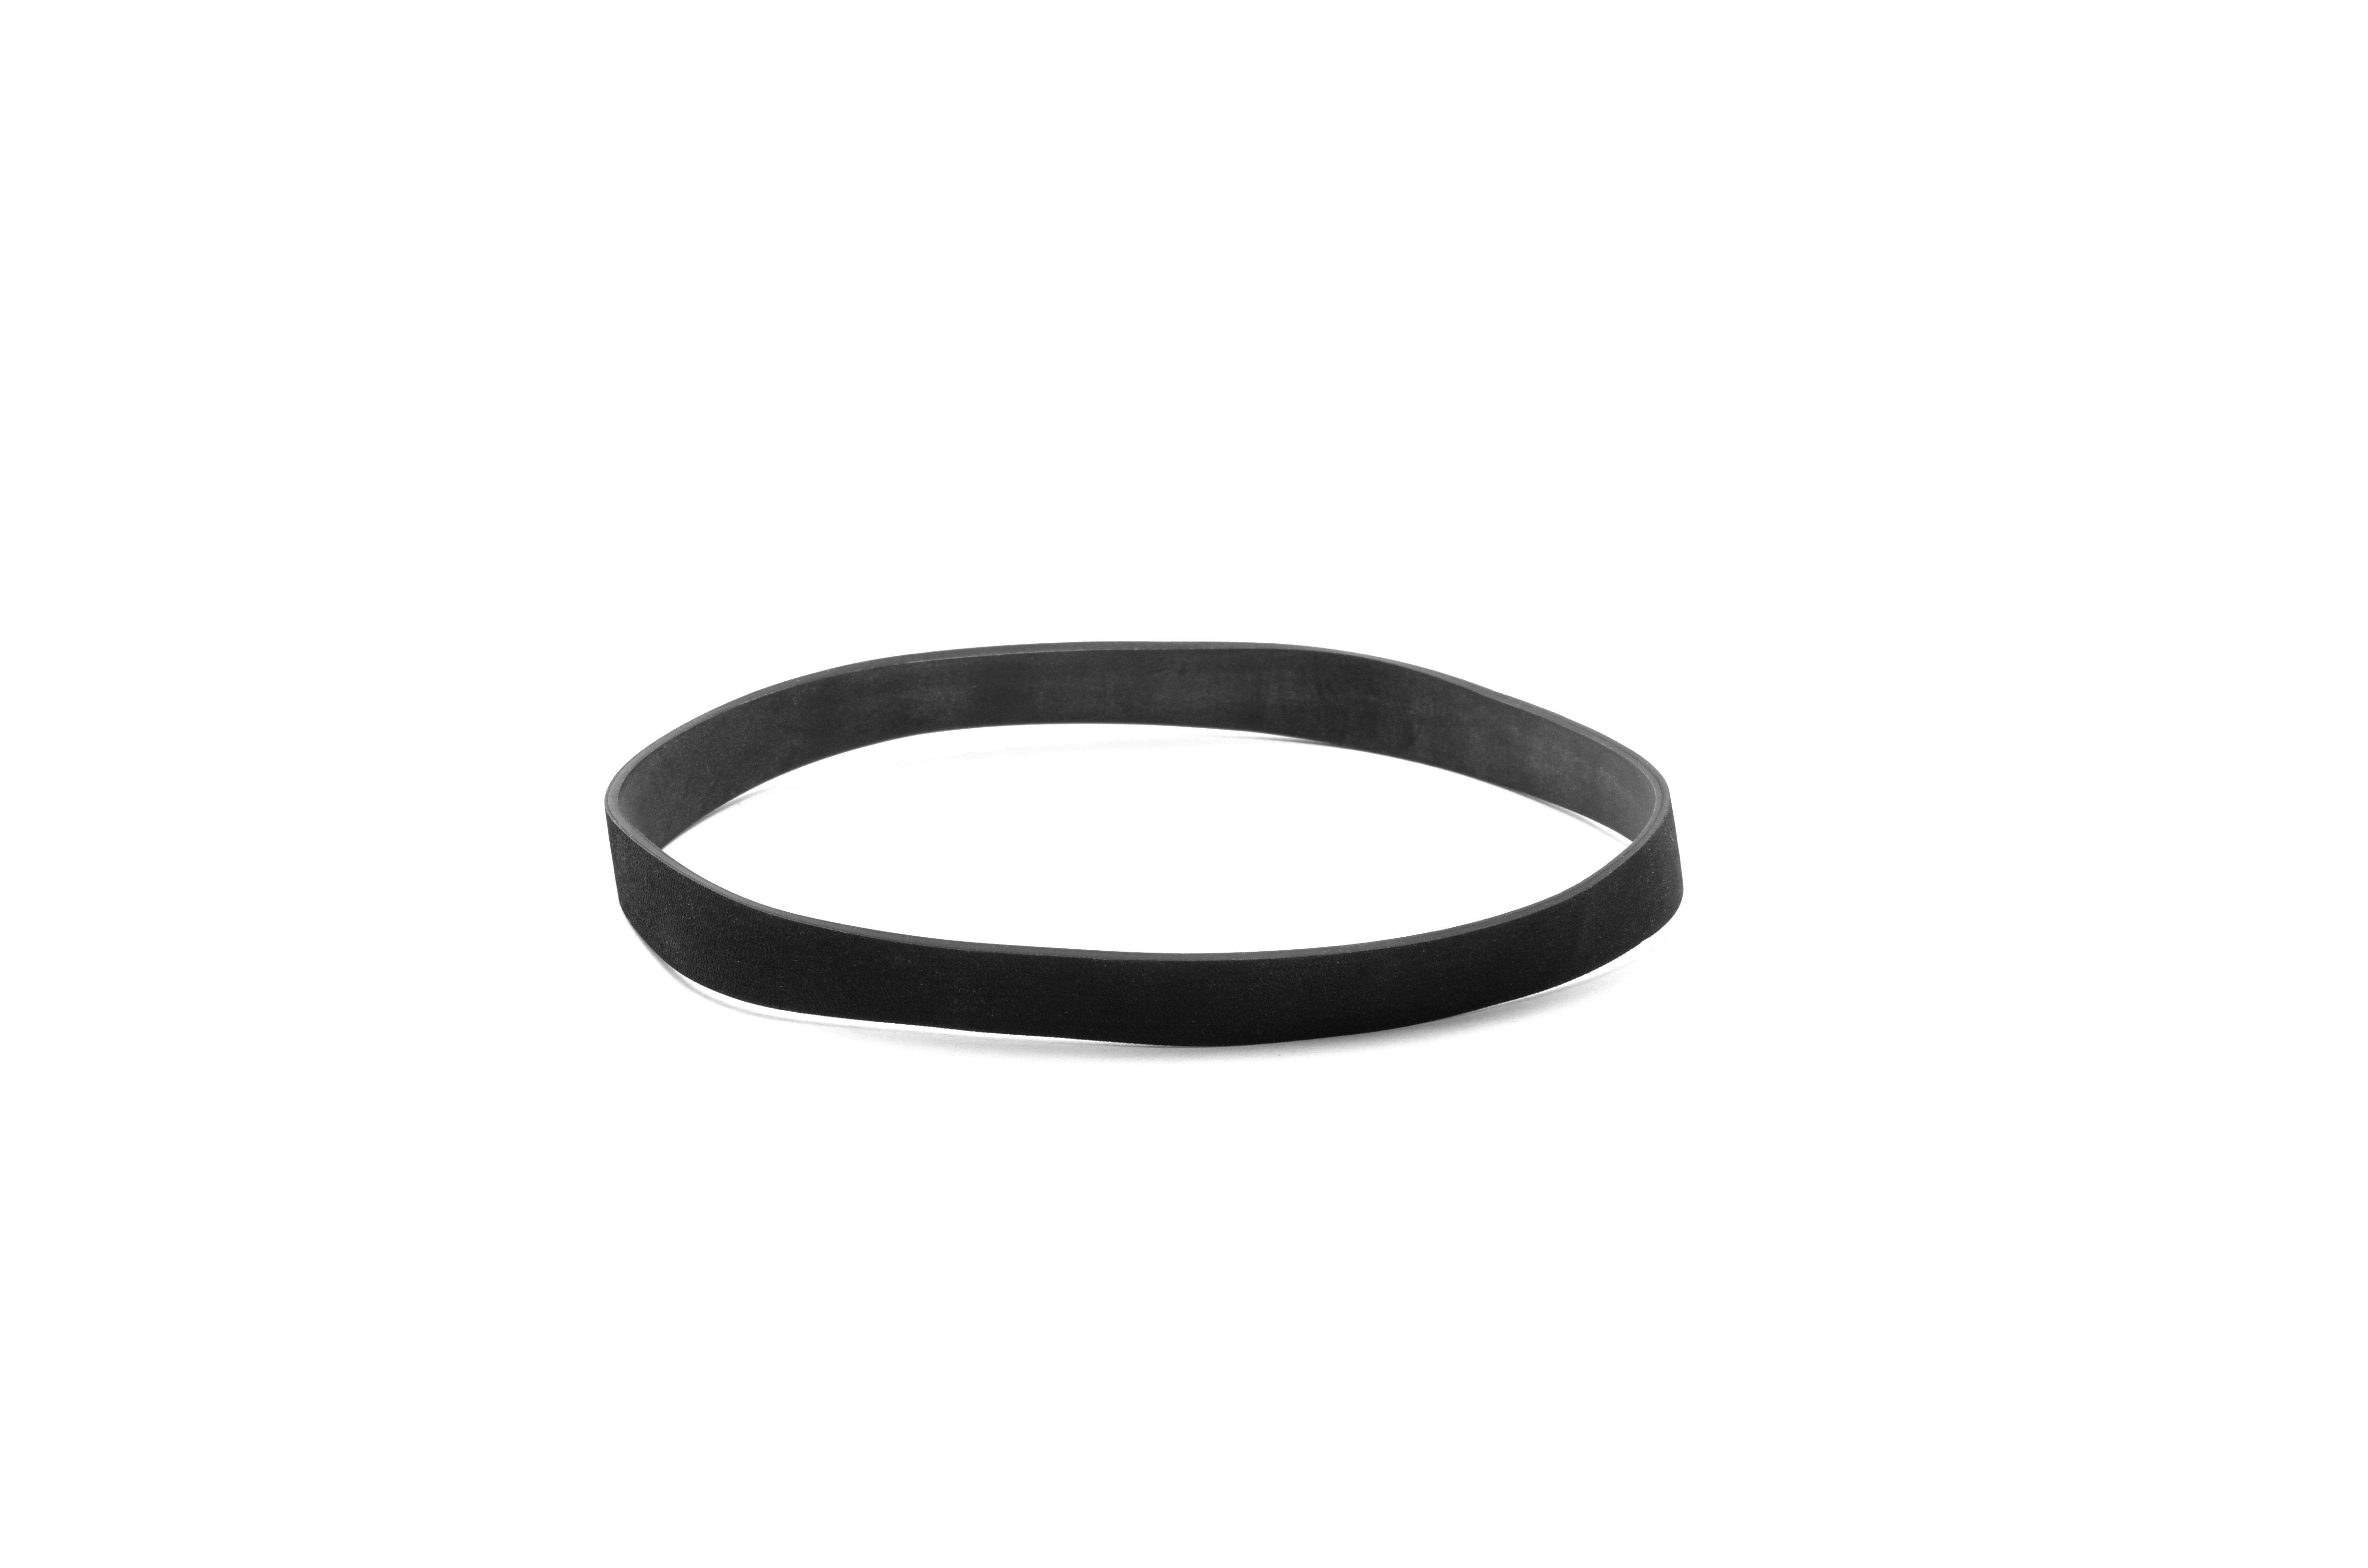 Belt, 115.6Mm Id X 12.8Mm Thk